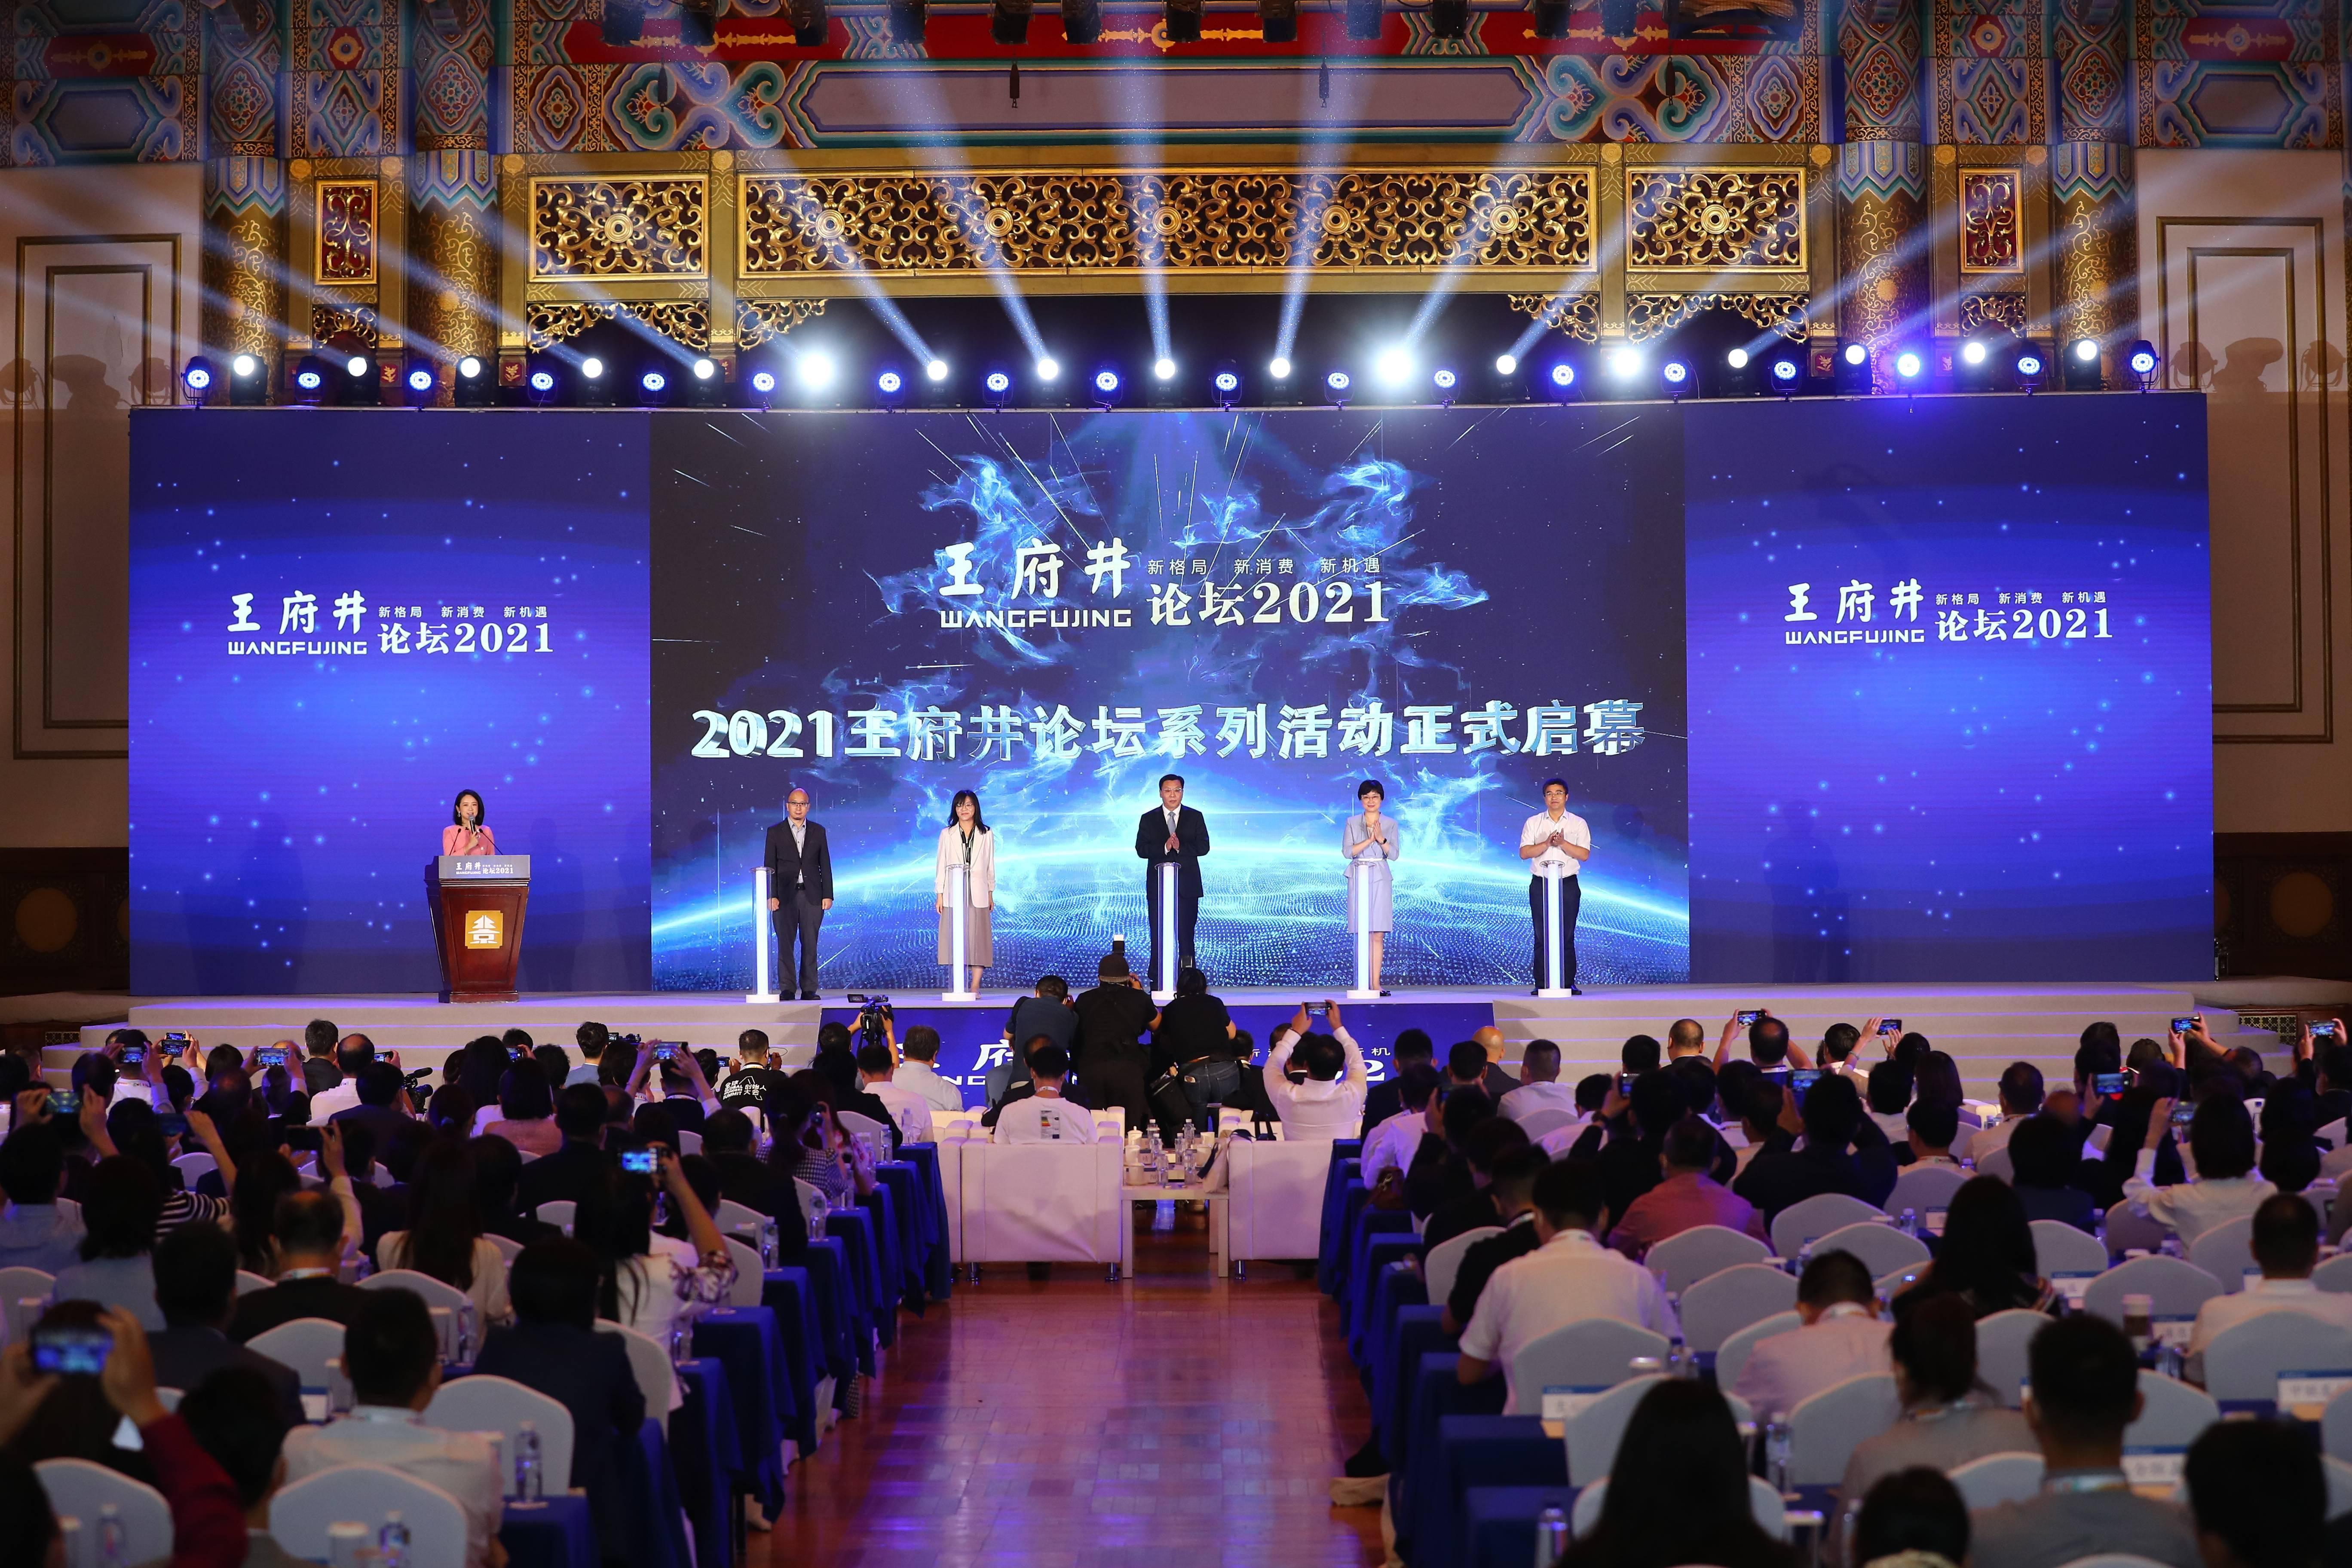 2021王府井论坛在京举办